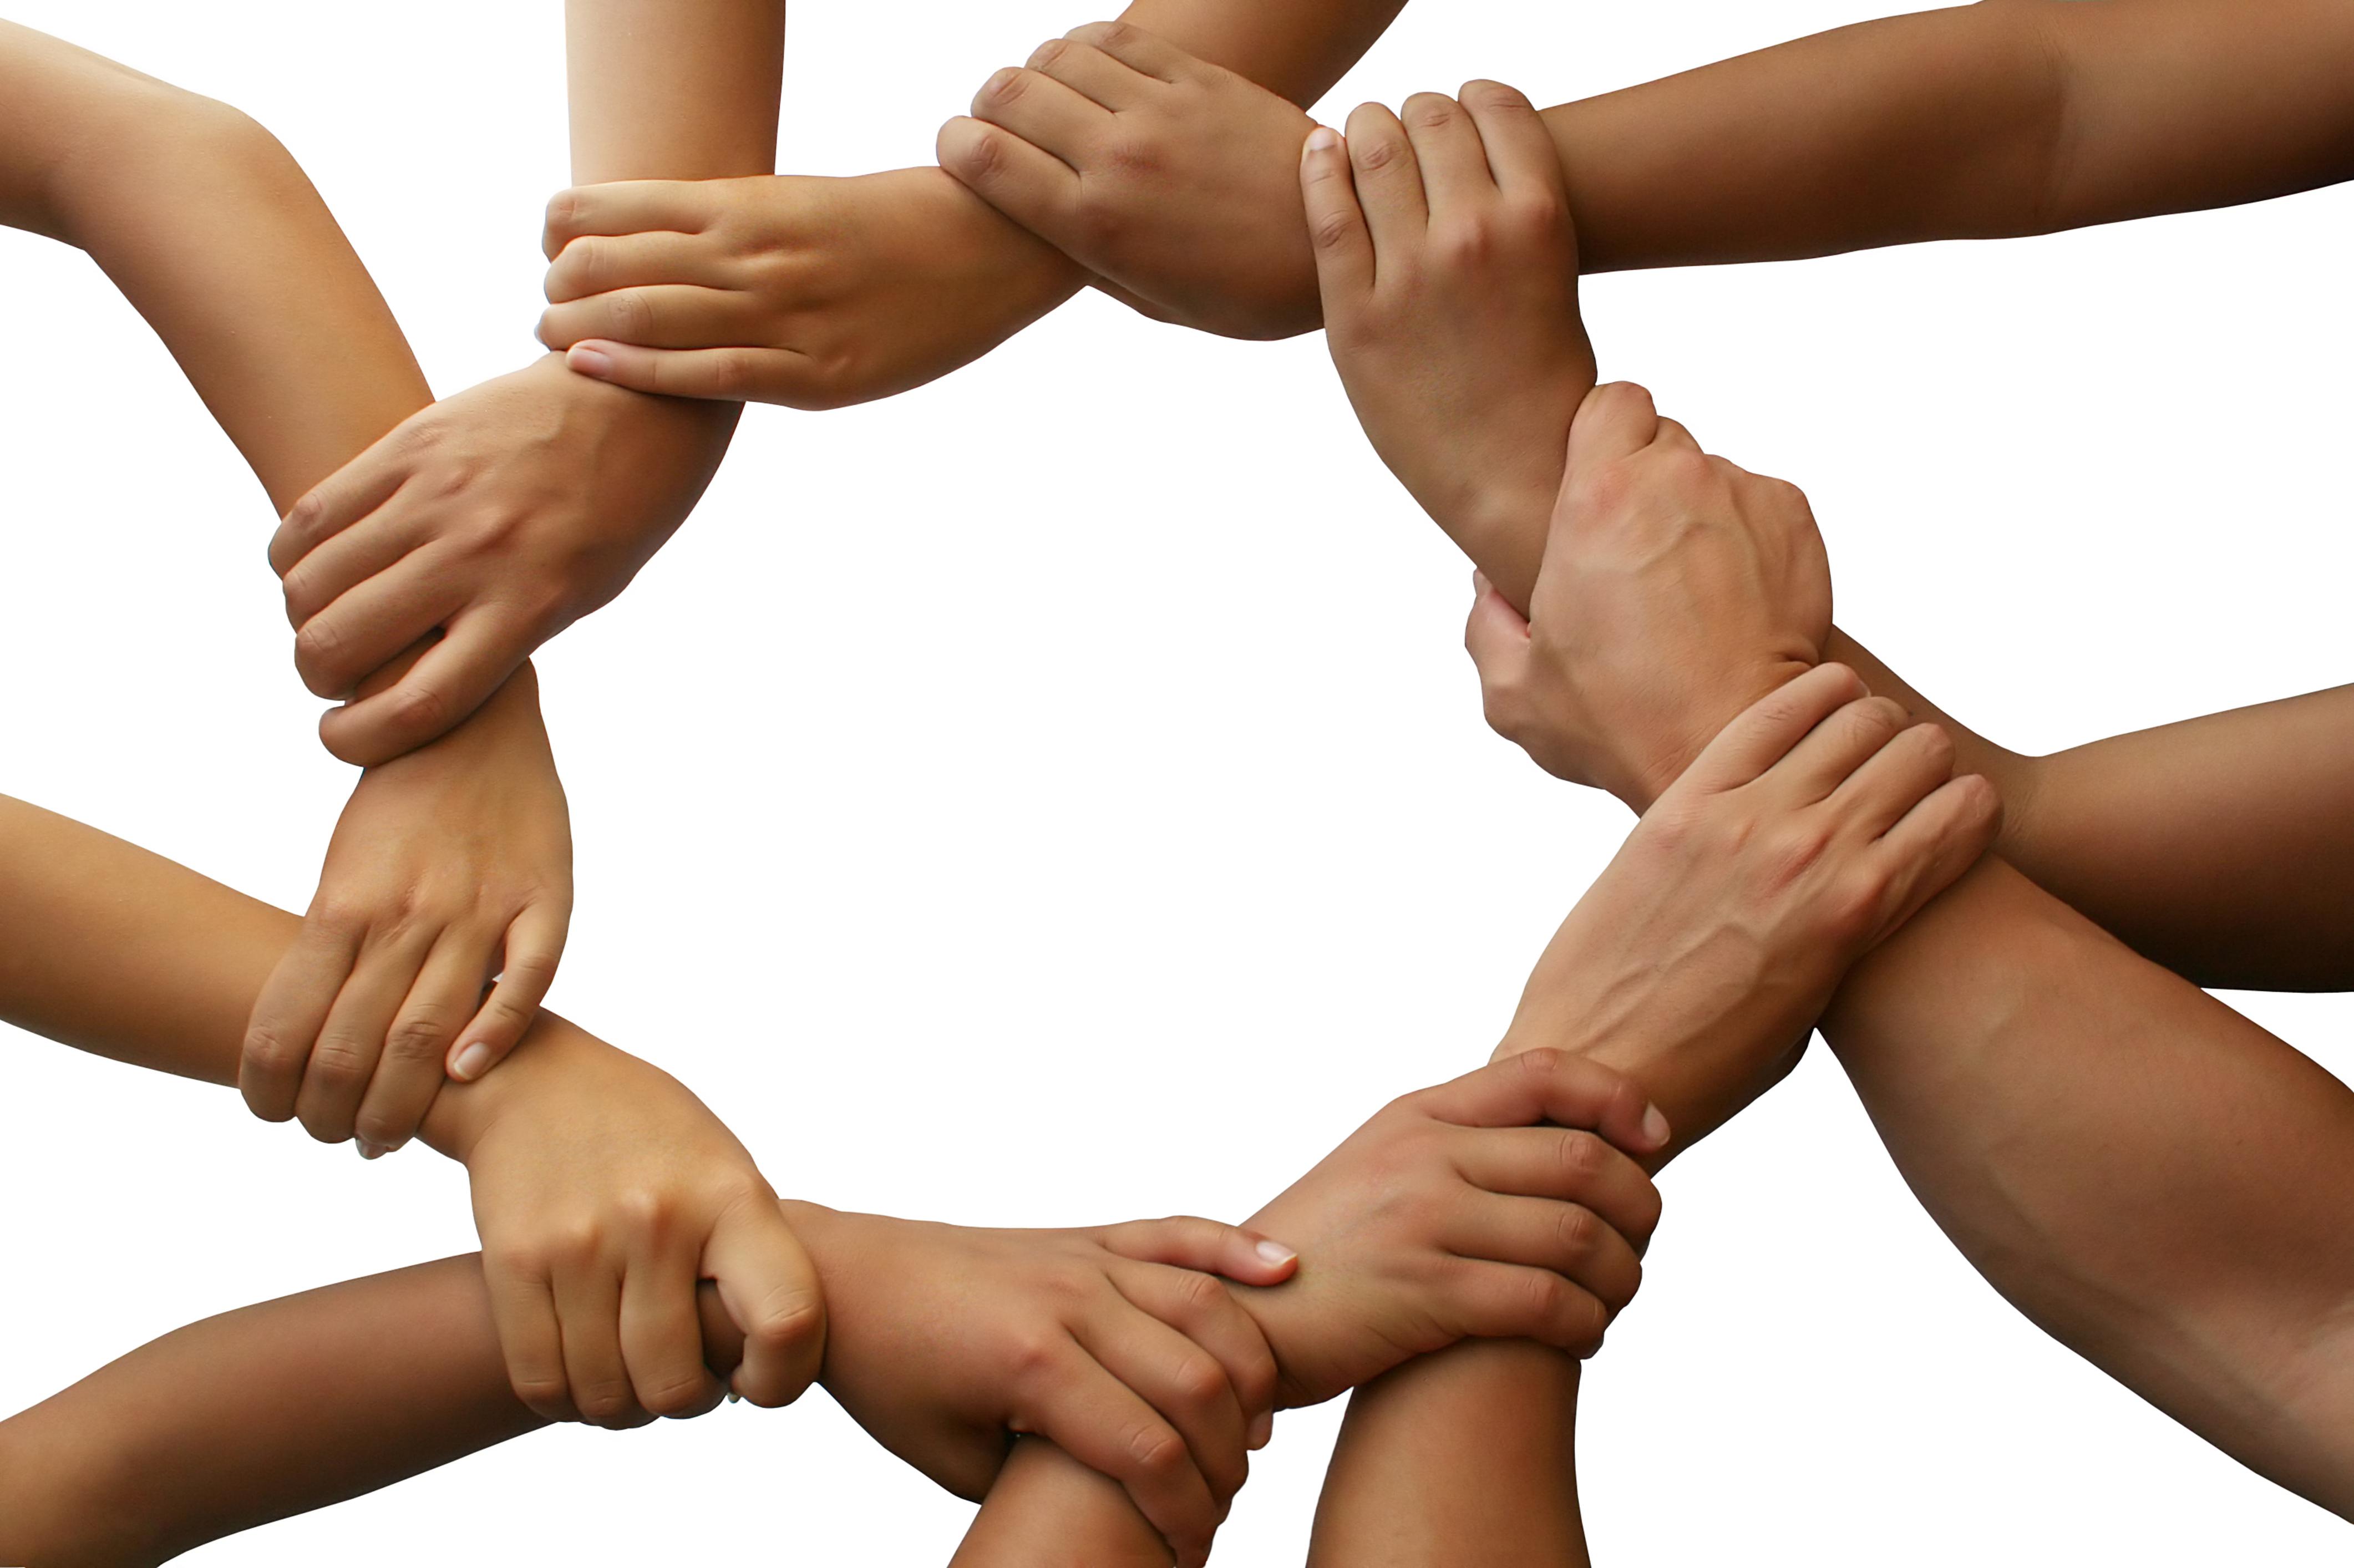 Mains ensemble formant un cercle